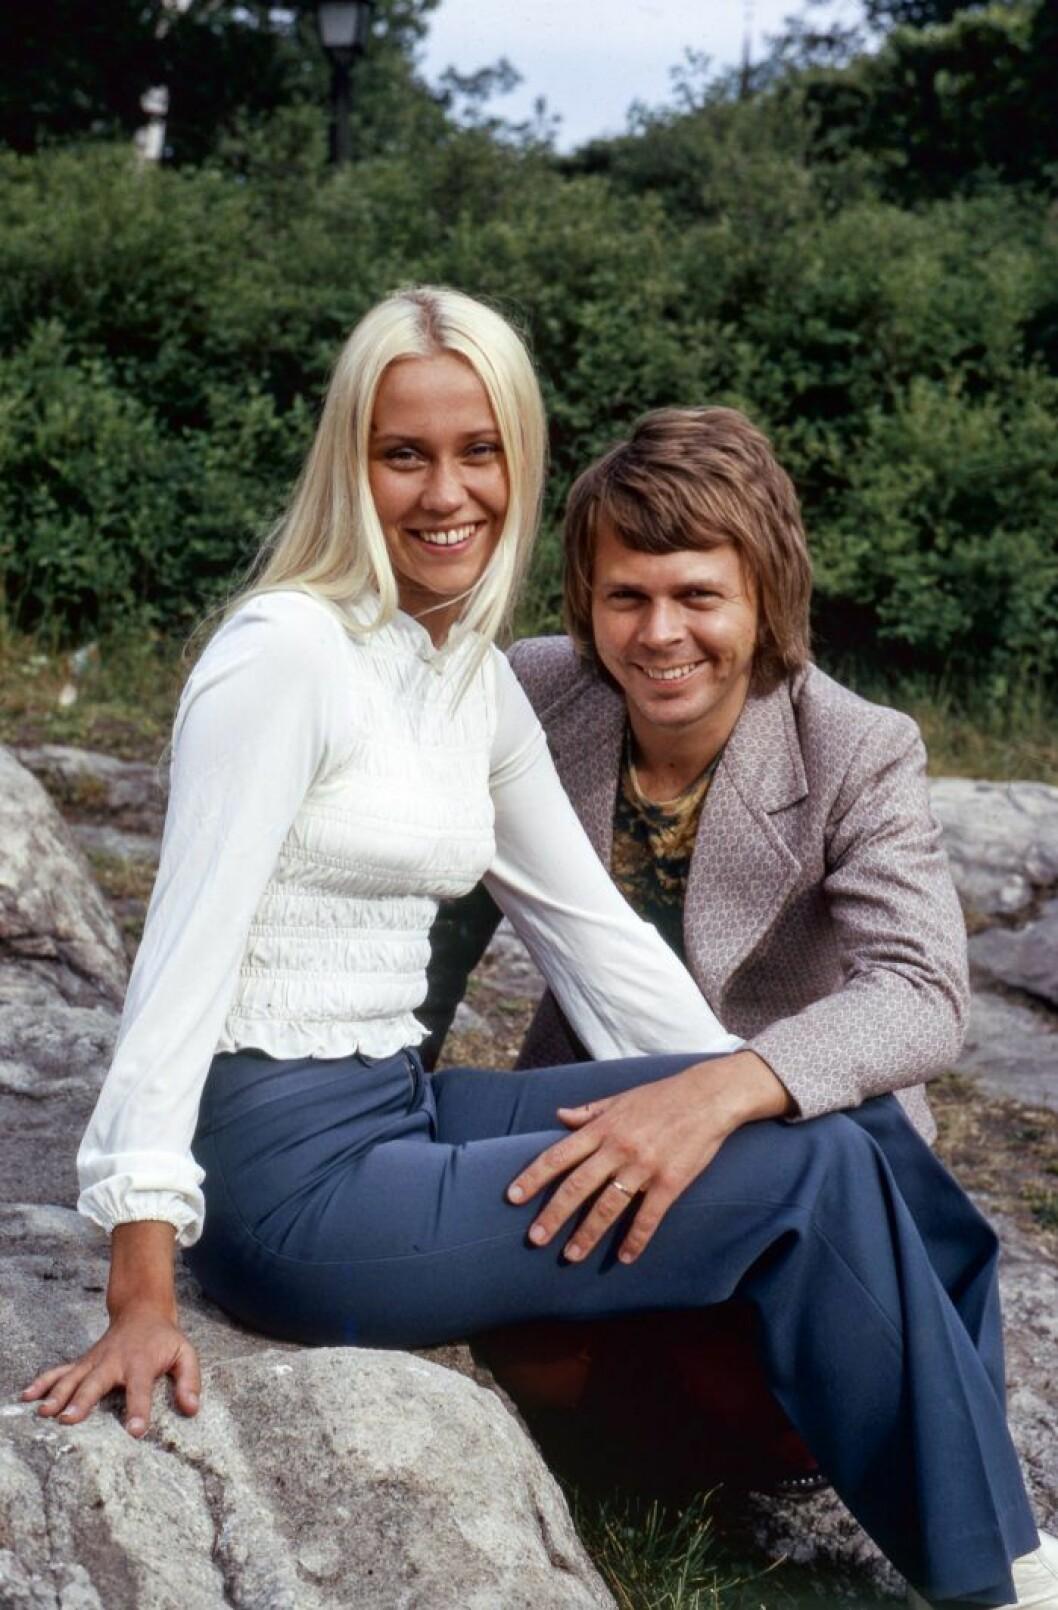 Björn Ulvaeus berättar om kärleken till Agnetha Fältskog. Fotografiet är från 1971.